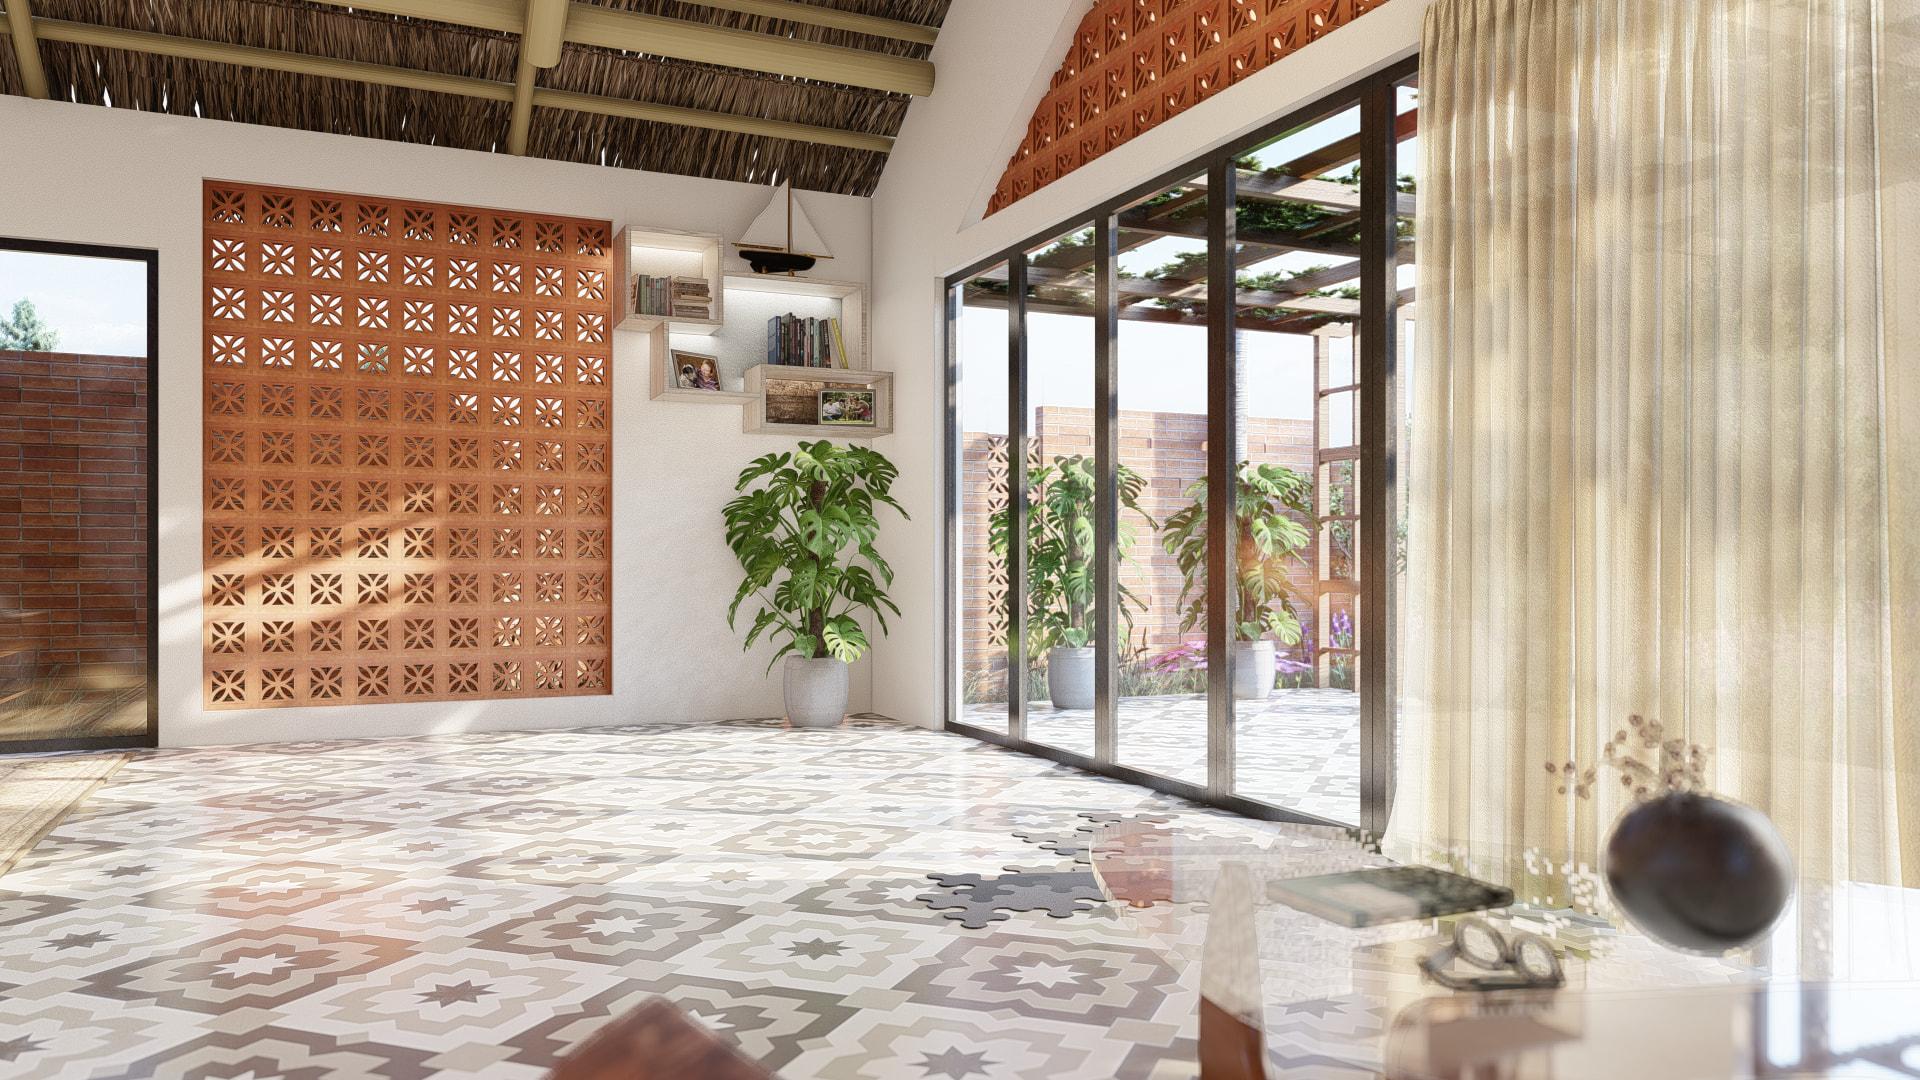 thiết kế Nhà tại Đồng Nai NHÀ SINH HOẠT TUẦN ,NGHĨ DƯỠNG  21 1557156715